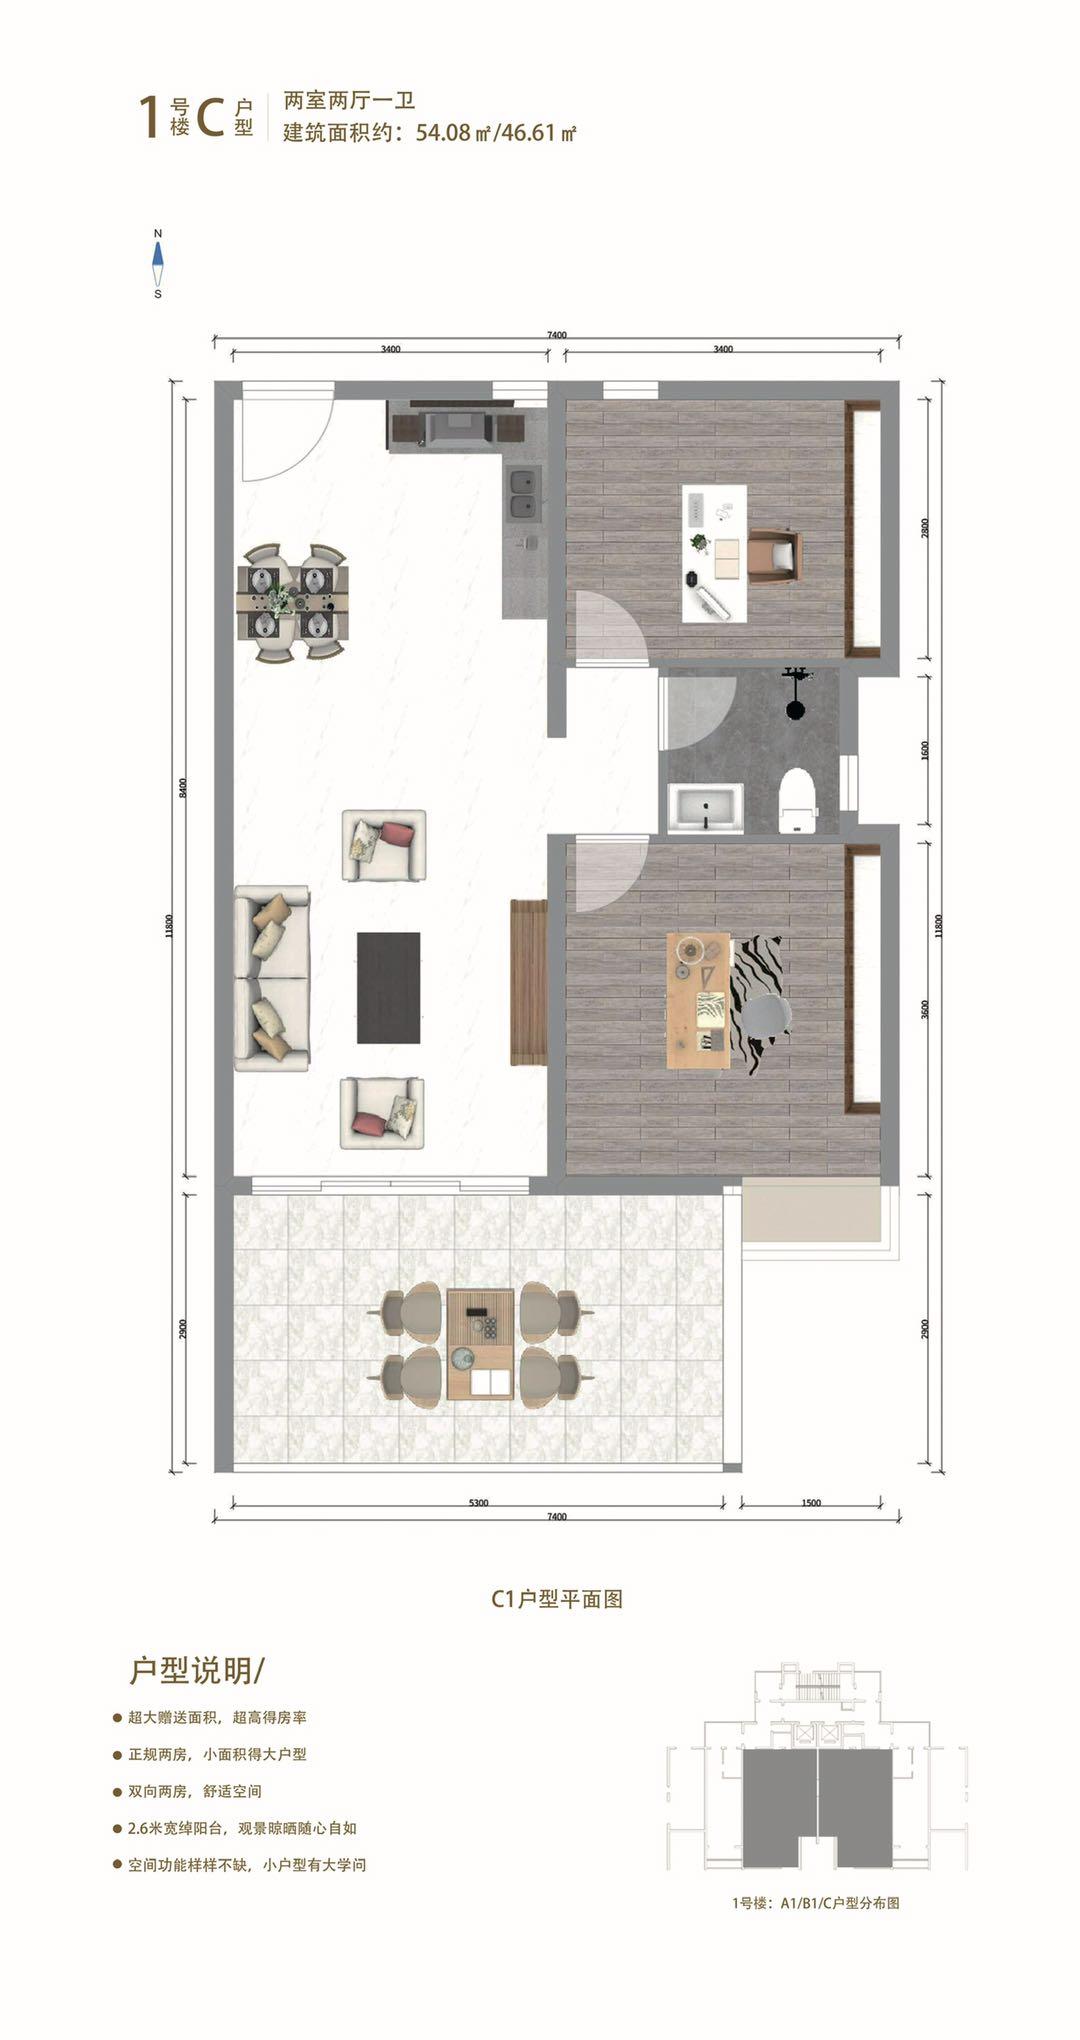 1号楼C户型 2室2厅1卫 建面54.08㎡